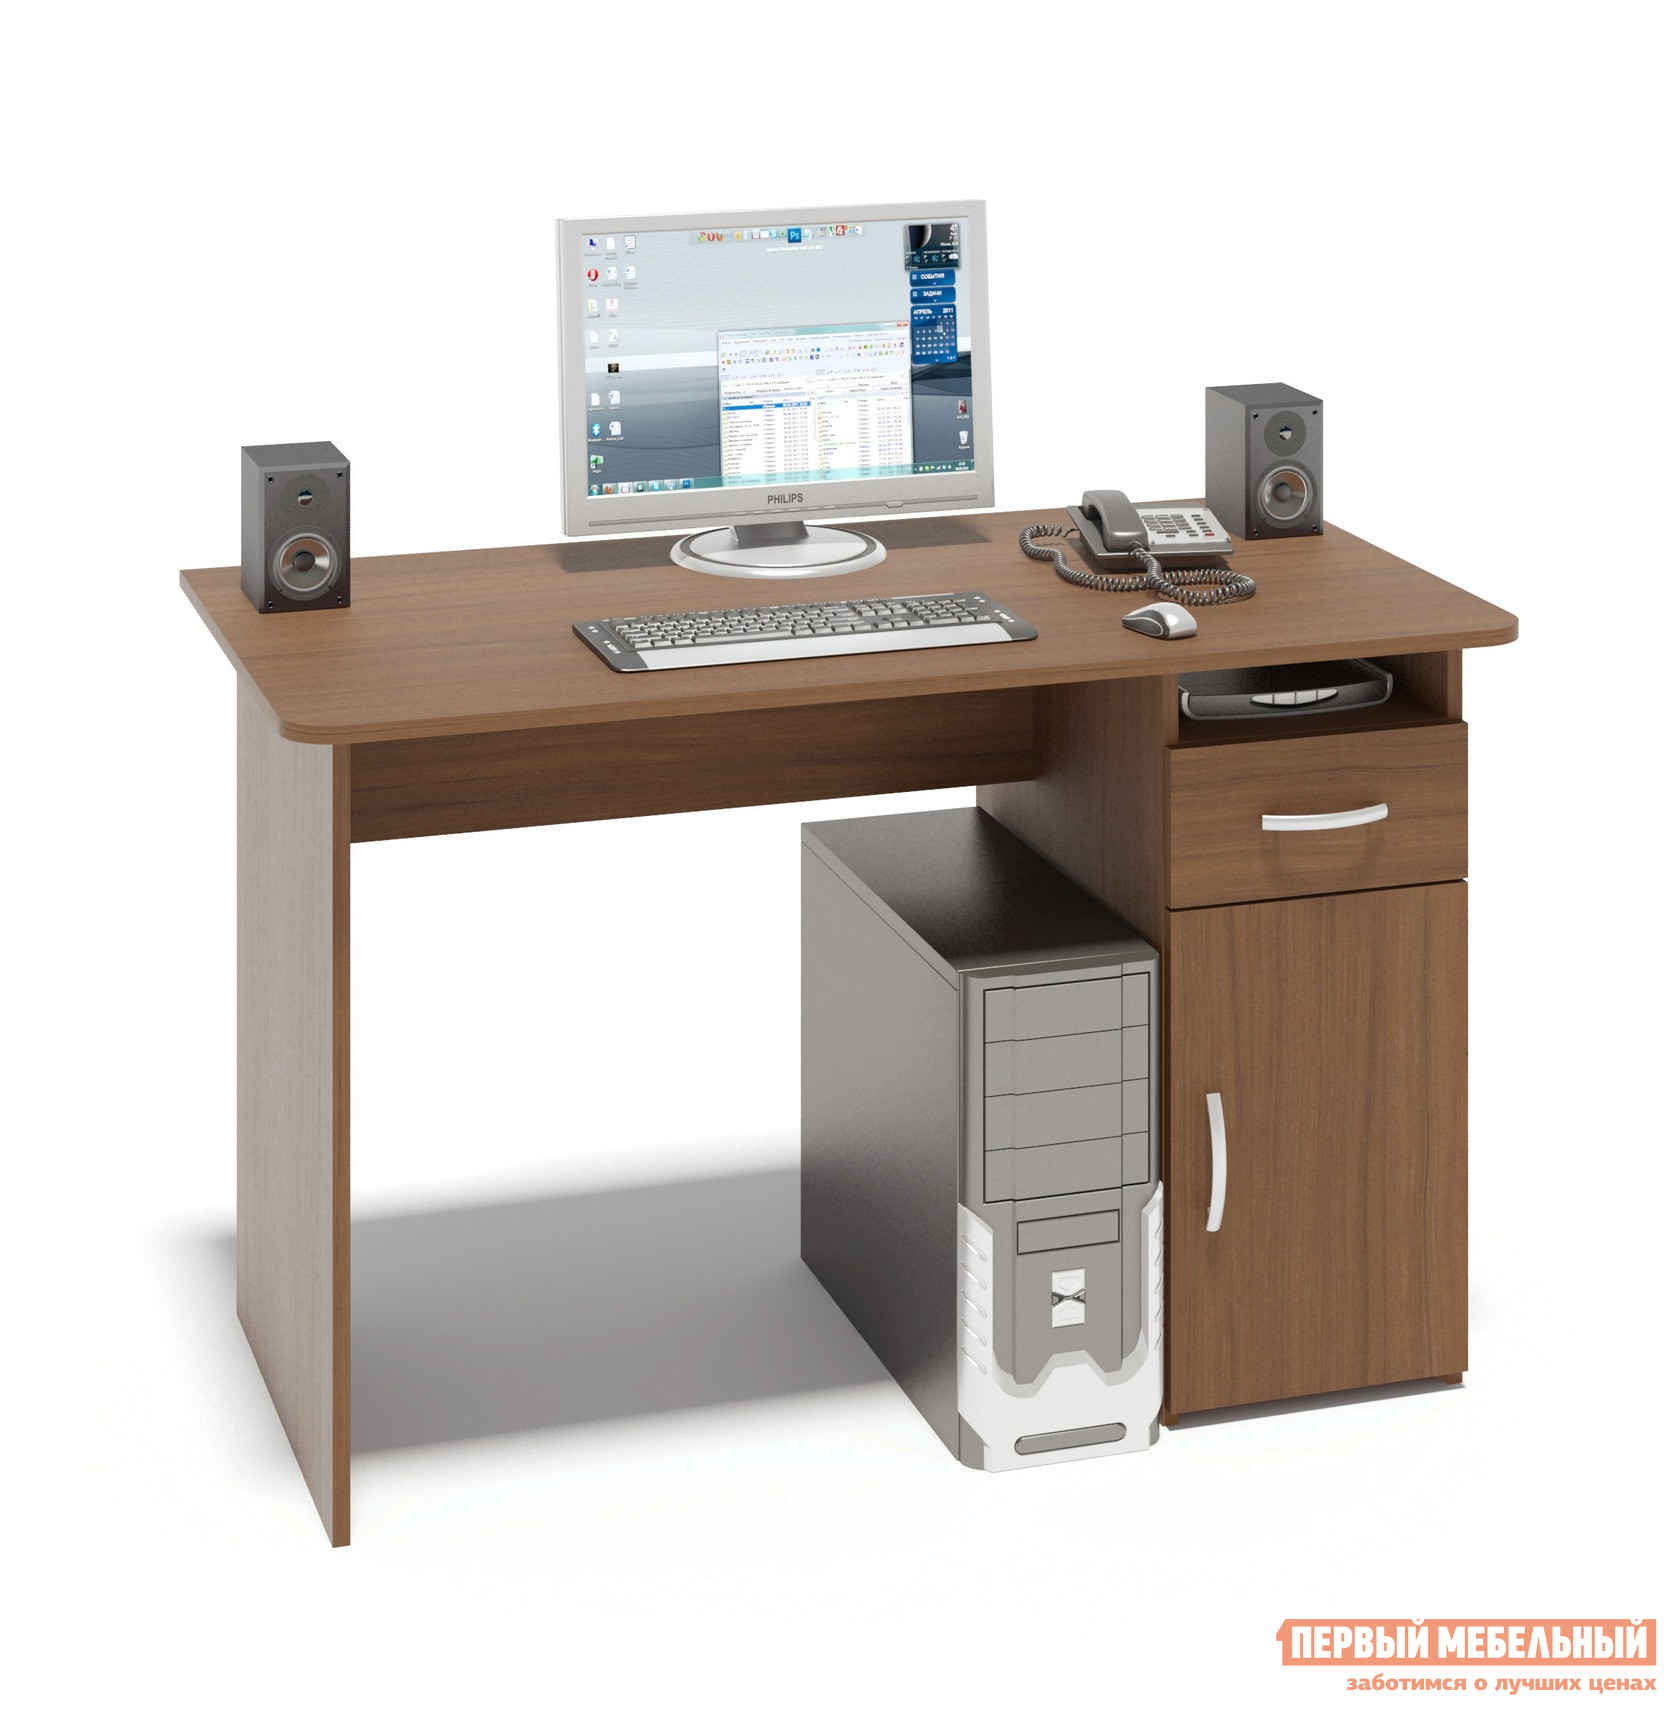 Письменный стол Сокол СПМ-03.1 Ноче-эккоПисьменные столы<br>Габаритные размеры ВхШхГ 740x1200x600 мм. Классический  письменный стол шириной  1200 мм со встроенной тумбой.  Просторная столешница позволит удобно расположиться за столом и работать с большим объемом документов.  Тумба оснащена  открытой нишей, выдвижным  ящиком и закрытой полкой. Внутренний размер ящика составляет 382 х 223 мм, что позволит разместить в нем документы формата А4, канцелярские принадлежности и необходимые мелочи. Стол универсален при сборке (вы можете расположить тумбу как справа, так и слева). Стол изготовлен из высококачественного ламинированного ДСП  российского производства толщиной 16 мм, края столешницы скруглены и отделаны противоударным кромкой ПВХ.  Изделие поставляется в разобранном виде.  Хорошо упаковано в гофротару вместе с необходимой фурнитурой и подробной инструкцией по сборке.  Простой строгий стол прекрасно впишется в интерьер комнаты или офиса.  Рекомендуем сохранить инструкцию по сборке (паспорт изделия) до истечения гарантийного срока.<br><br>Цвет: Коричневое дерево<br>Высота мм: 740<br>Ширина мм: 1200<br>Глубина мм: 600<br>Кол-во упаковок: 1<br>Форма поставки: В разобранном виде<br>Срок гарантии: 2 года<br>Тип: Прямые<br>Материал: Дерево<br>Материал: ЛДСП<br>Размер: Большие<br>Размер: Ширина 120 см<br>С ящиками: Да<br>Без надстройки: Да<br>С тумбой: Да<br>Стиль: Современный<br>Стиль: Модерн